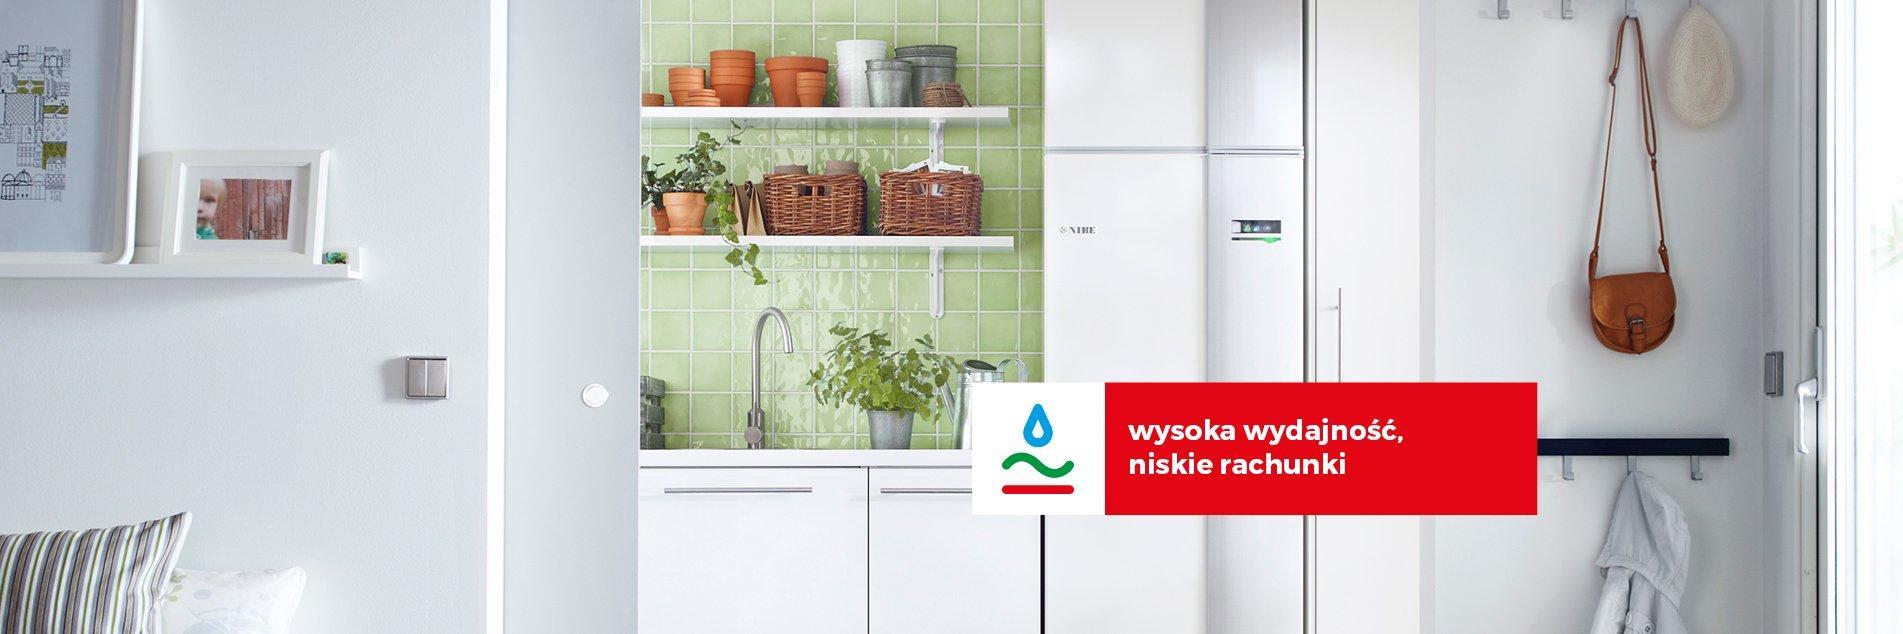 http://derkon.com.pl/wp-content/uploads/2017/02/slider_6.jpg